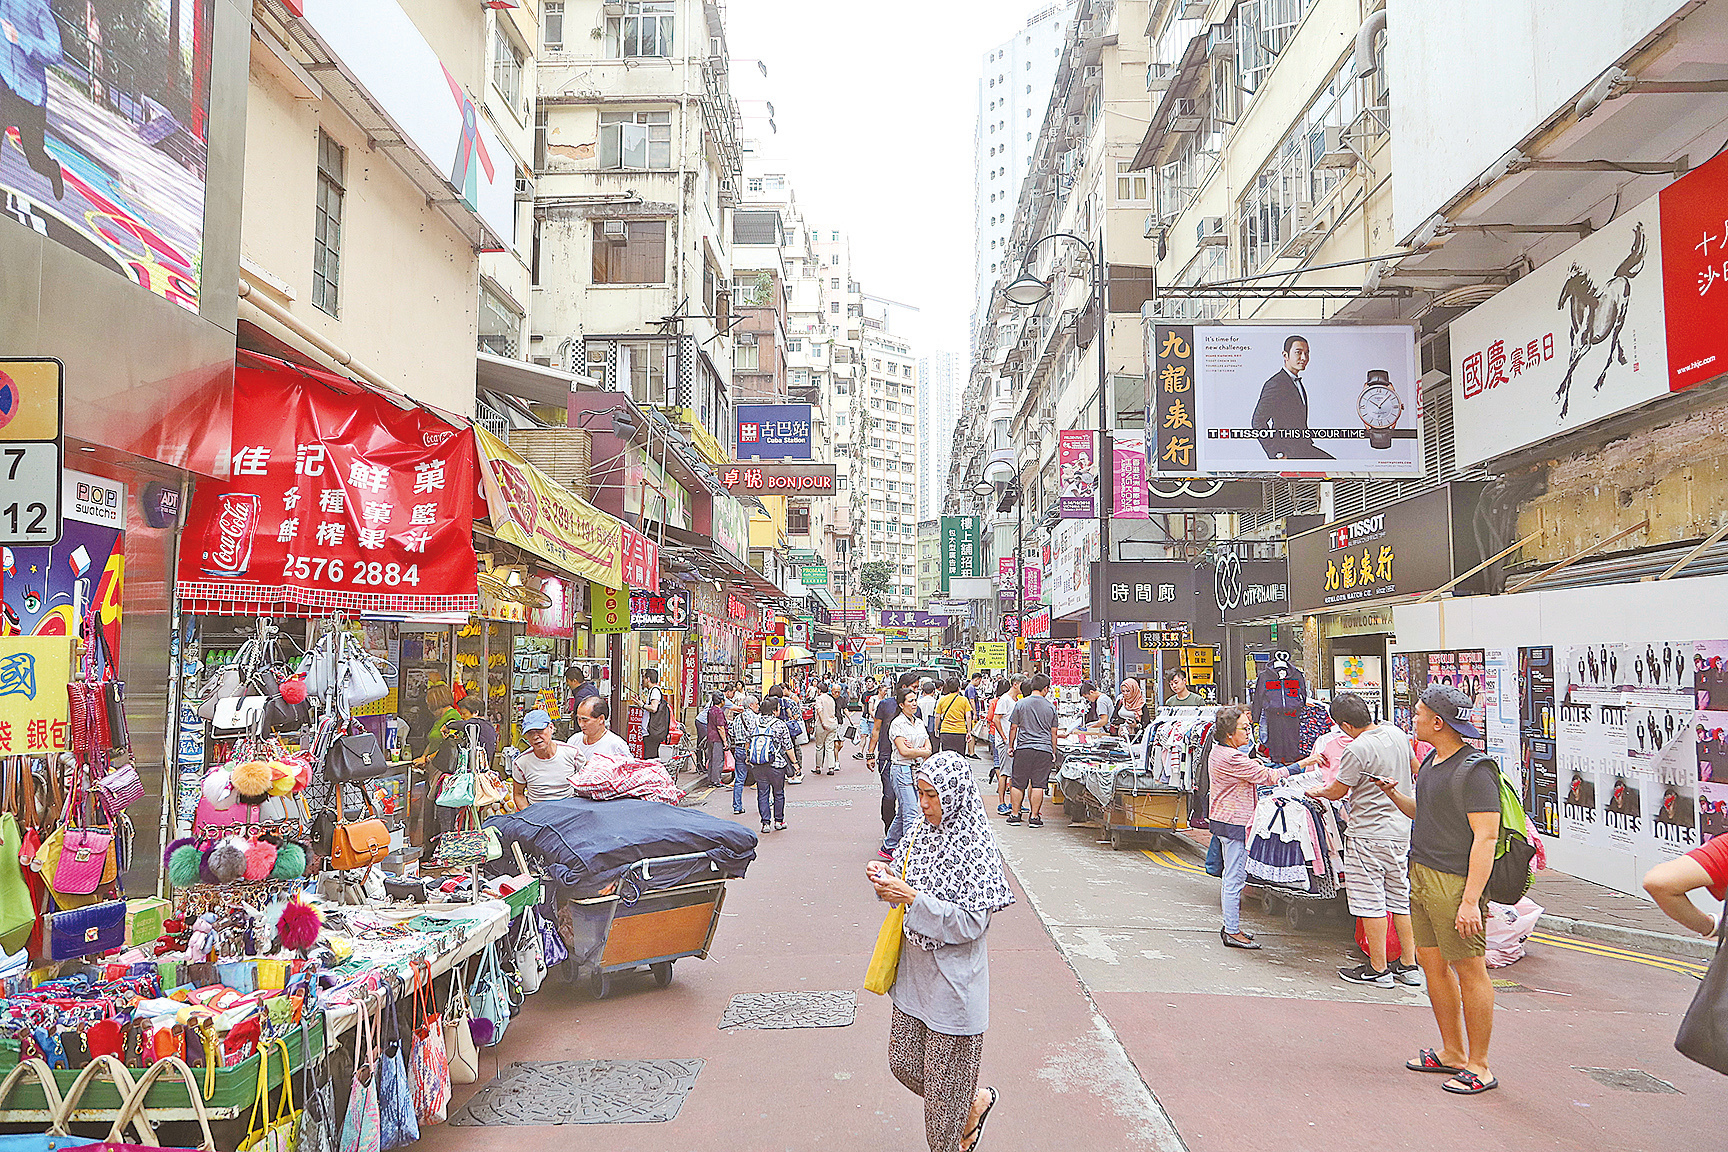 本港零售額連跌20個月,10月零售業總銷貨值臨時估計為361億元,按年跌2.9%。(大紀元資料圖片)